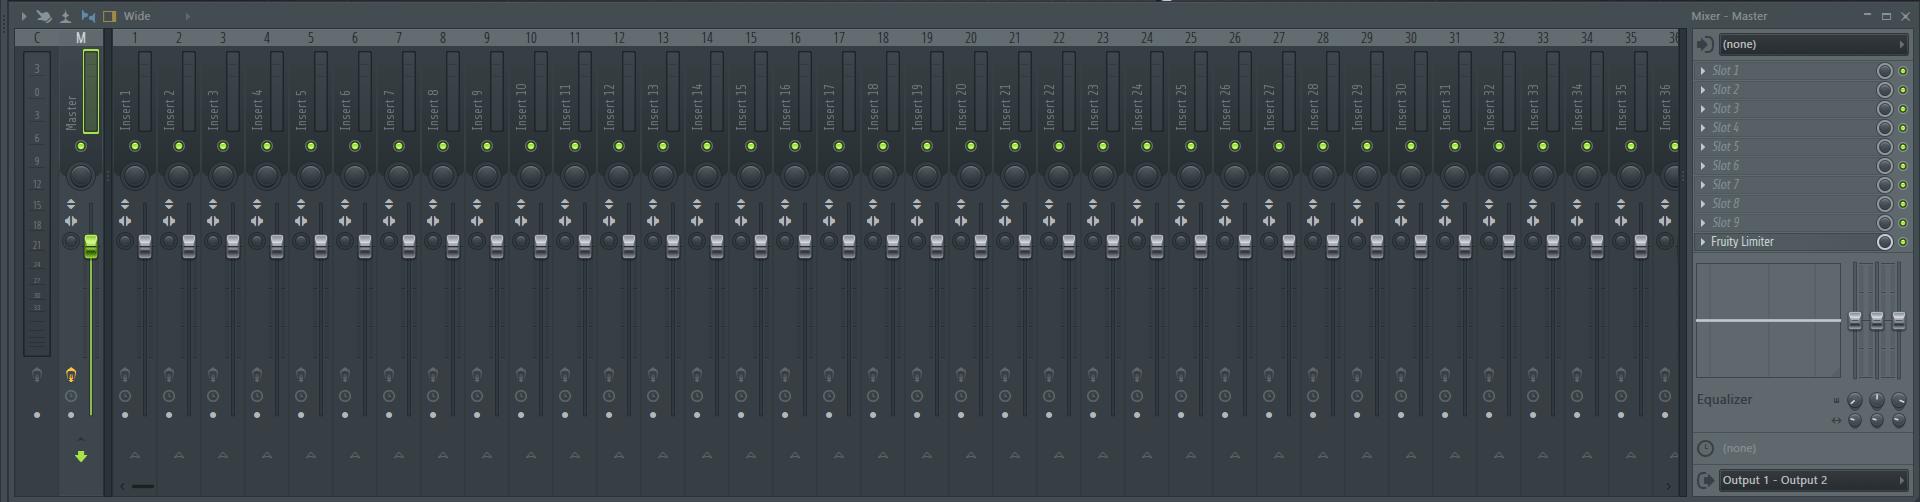 fl_studio_mixer.